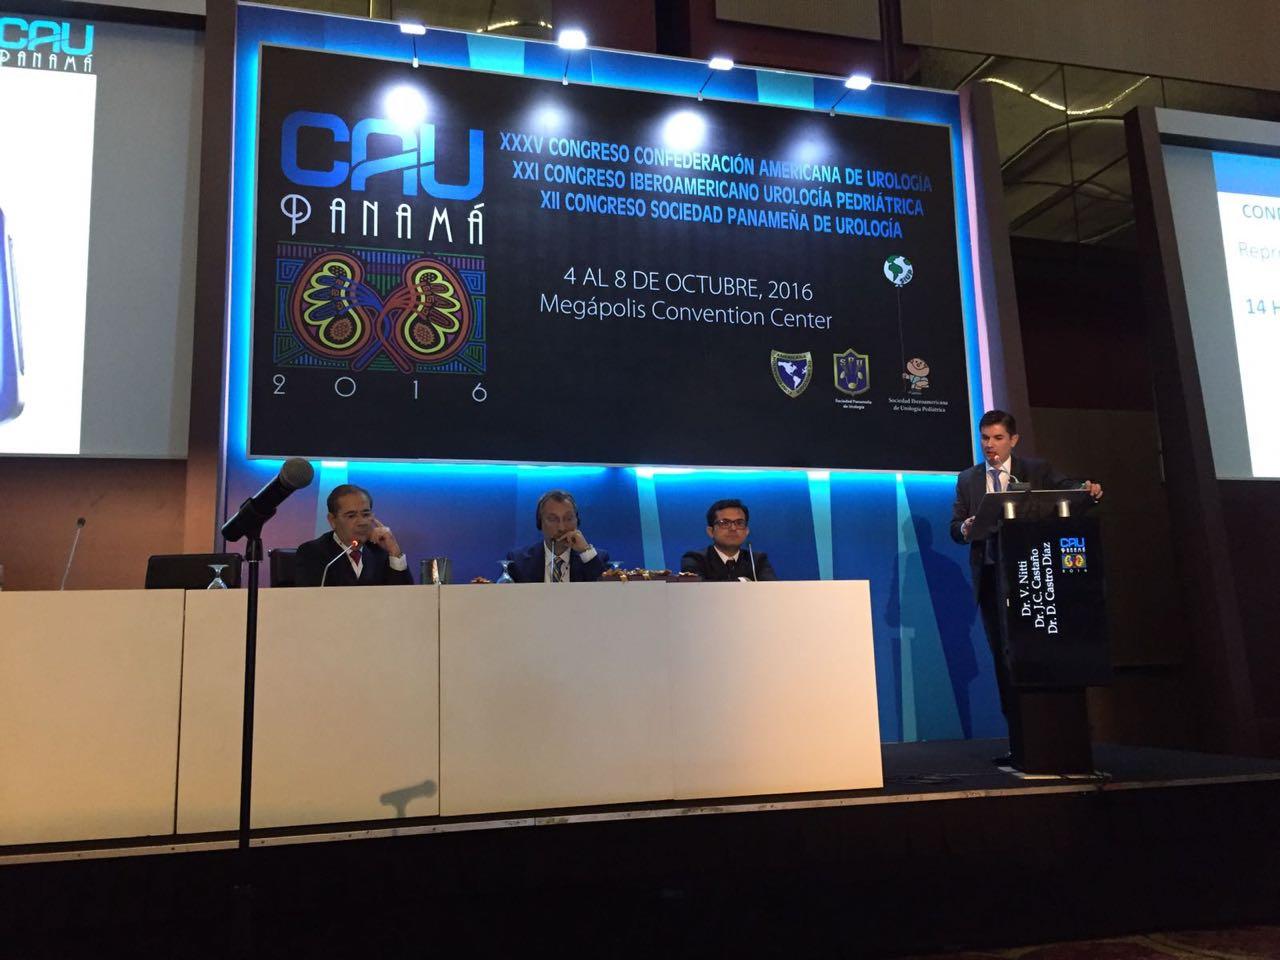 Confederación Americana de Urología. Congreso anual. Panamá. 2016